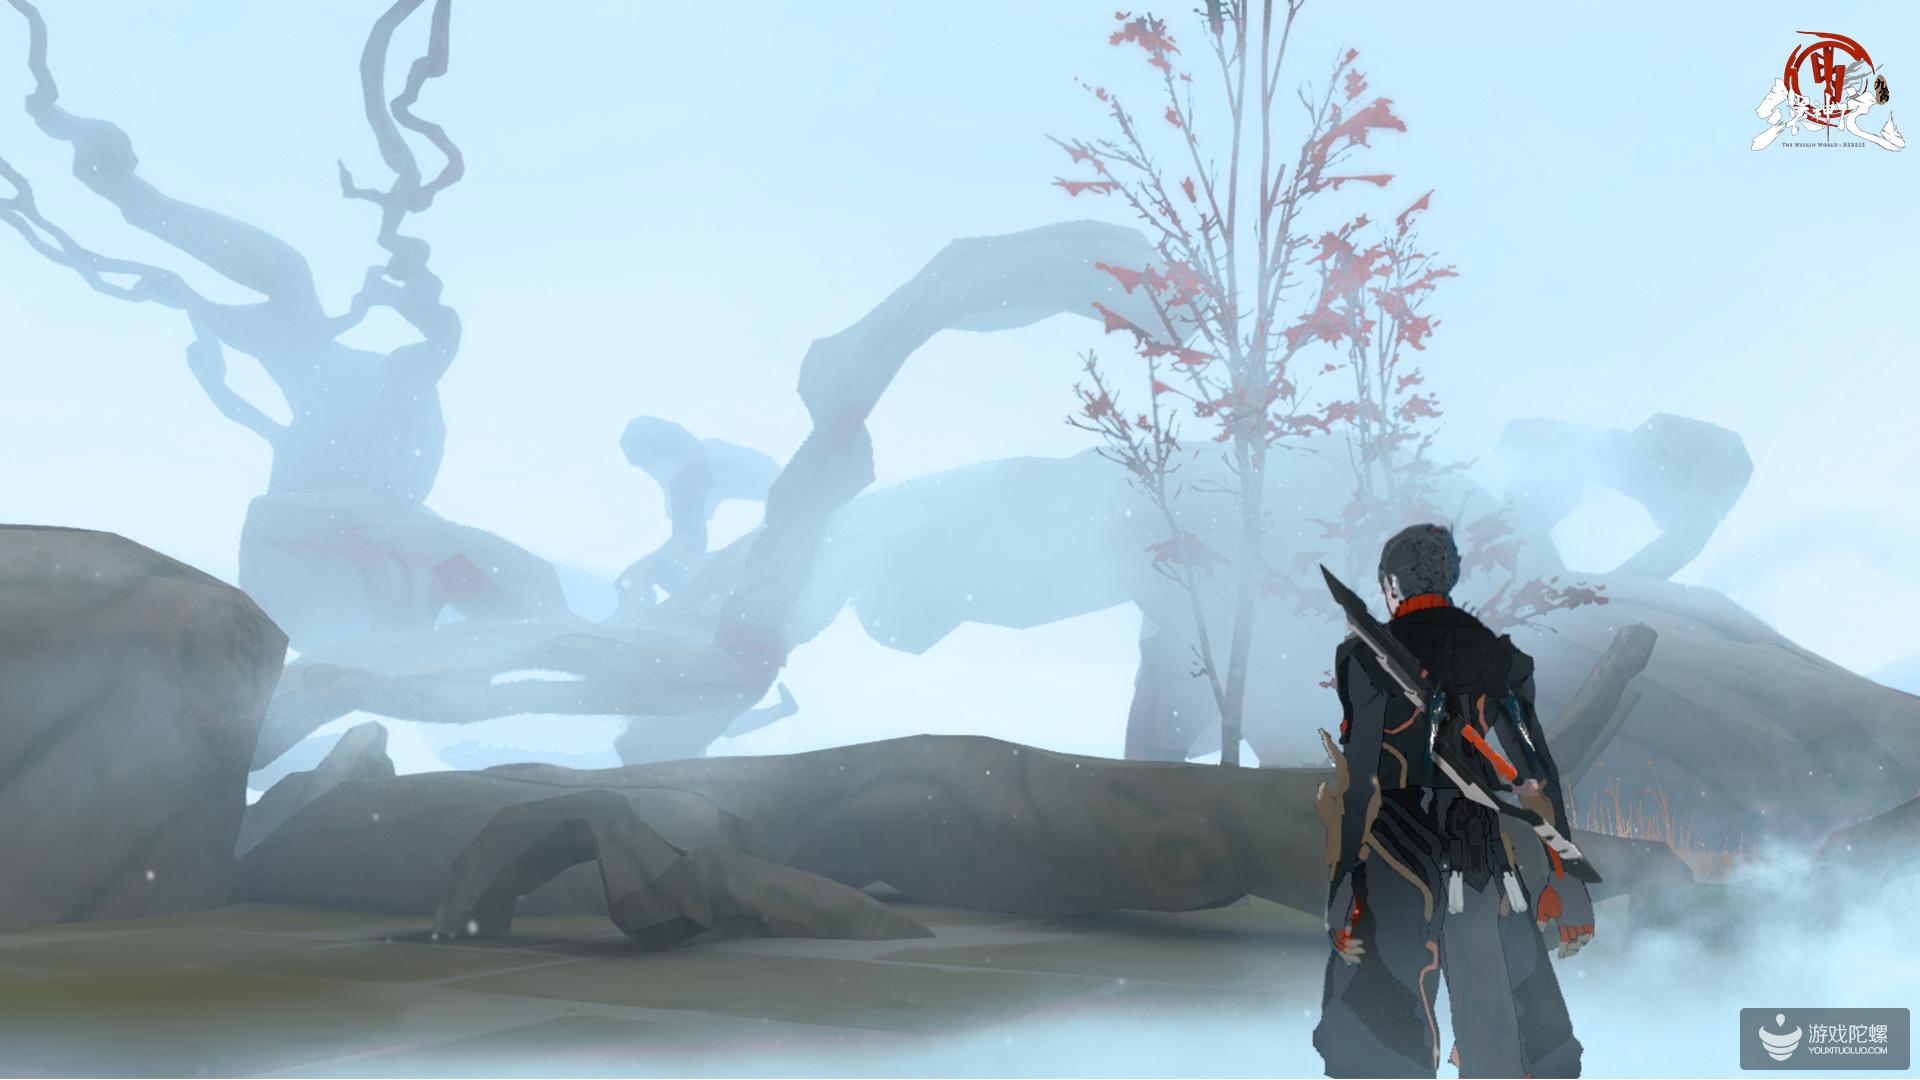 无常工作室公布全新单机游戏《九霄缳神记》 将同时登陆PC端和移动端